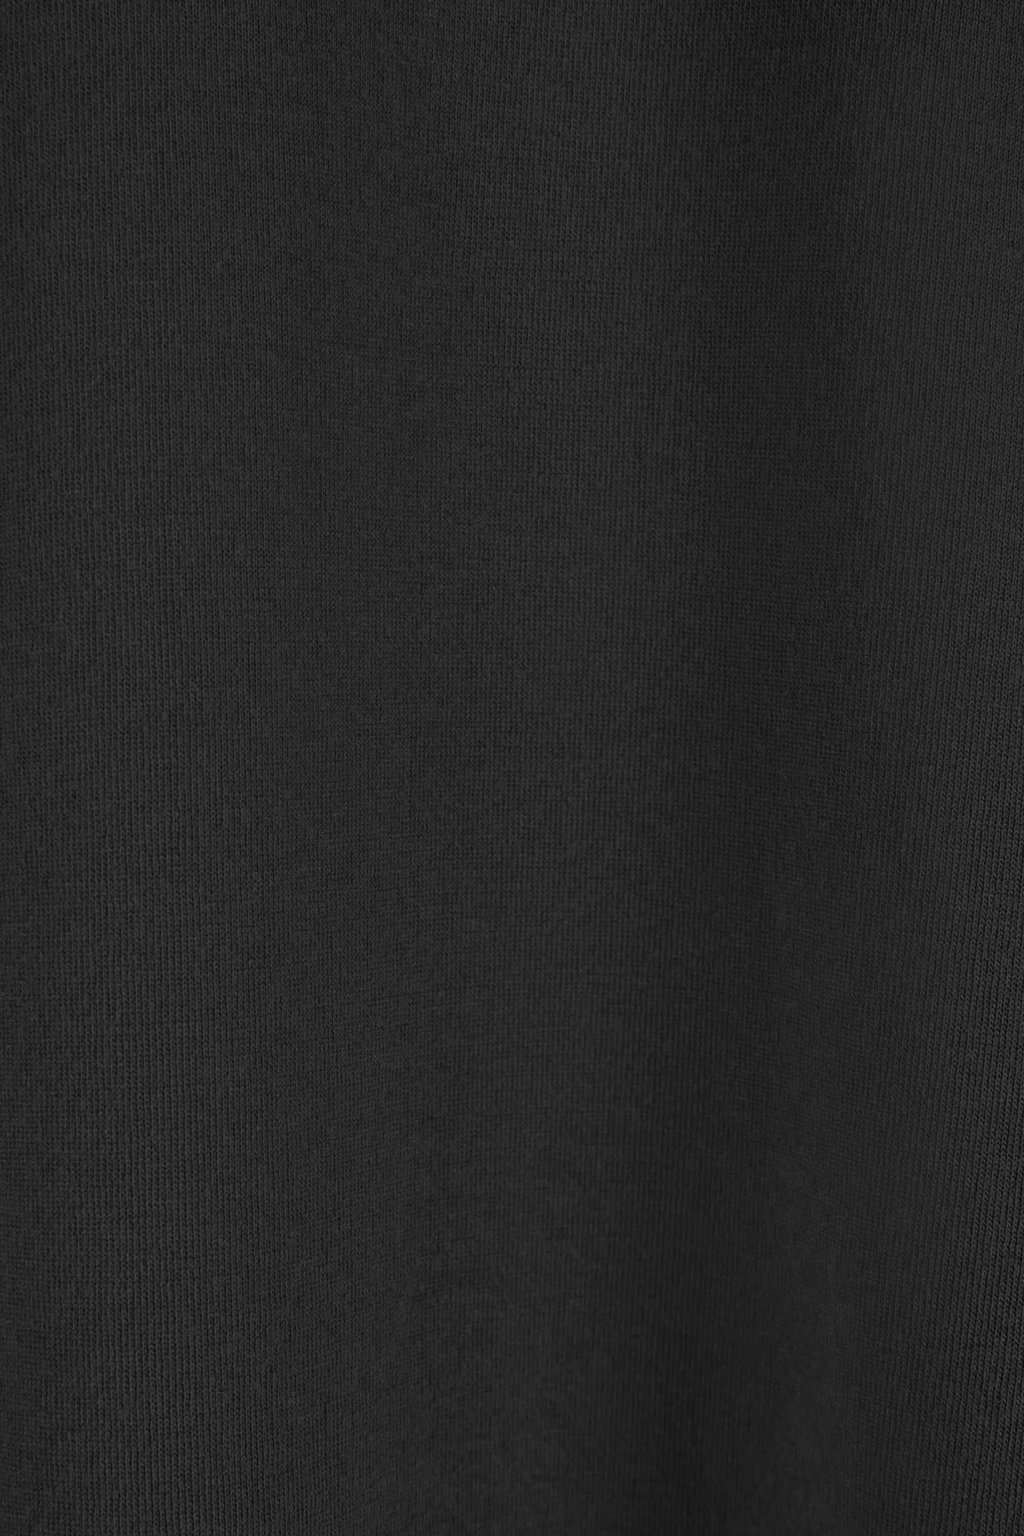 TShirt H421 Black 12